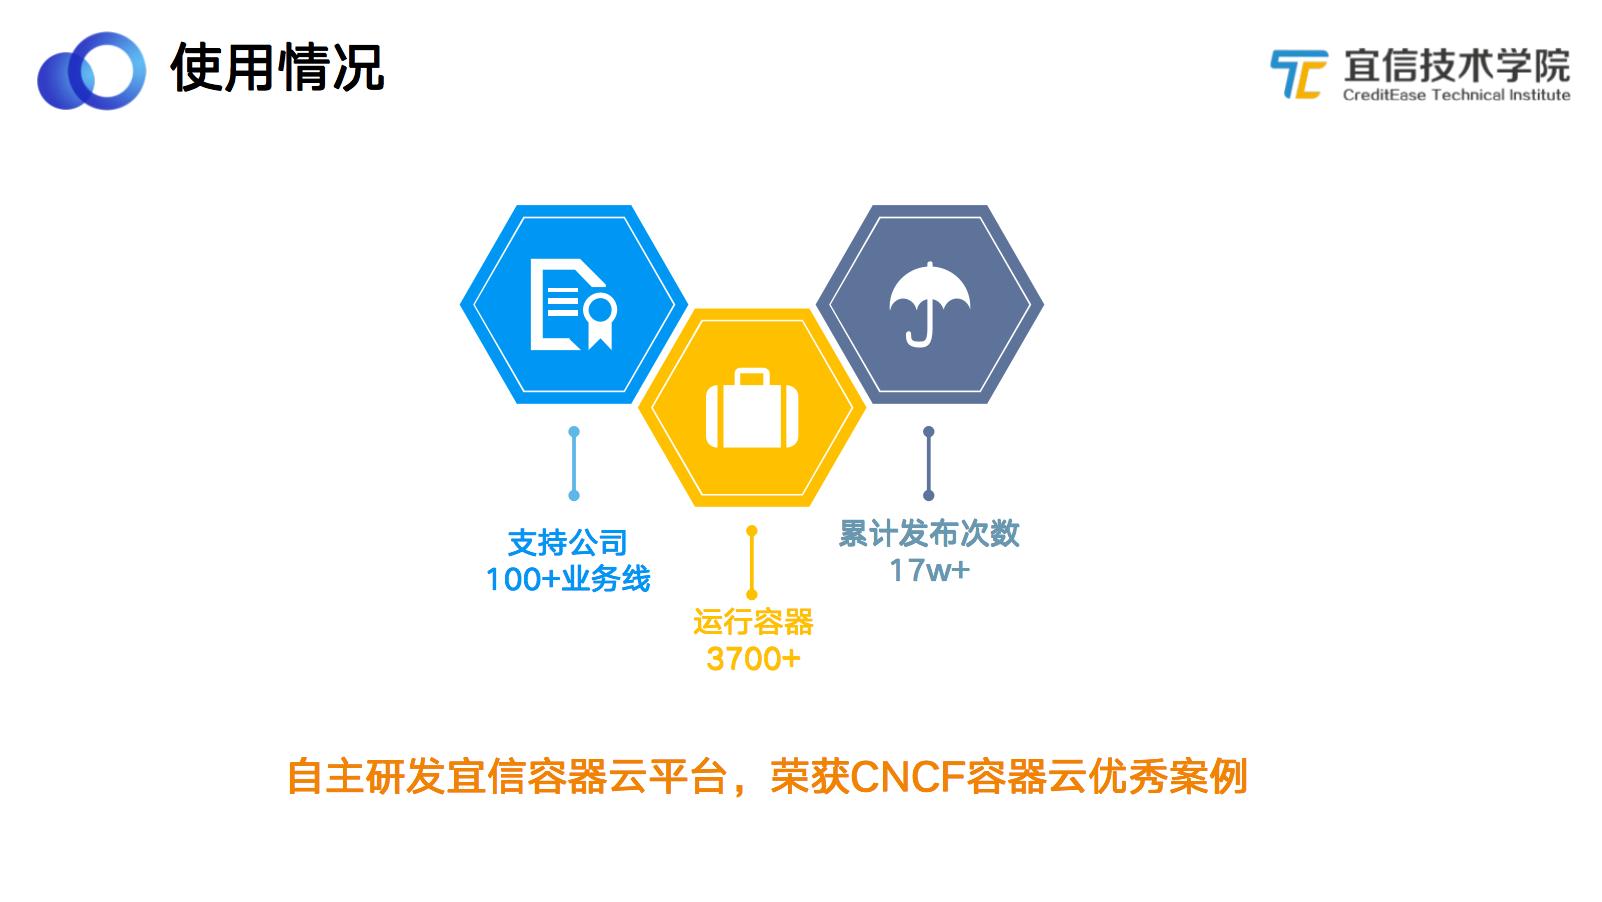 支持 100+ 业务线、累计发布 17 万次,宜信容器云的A点与B点